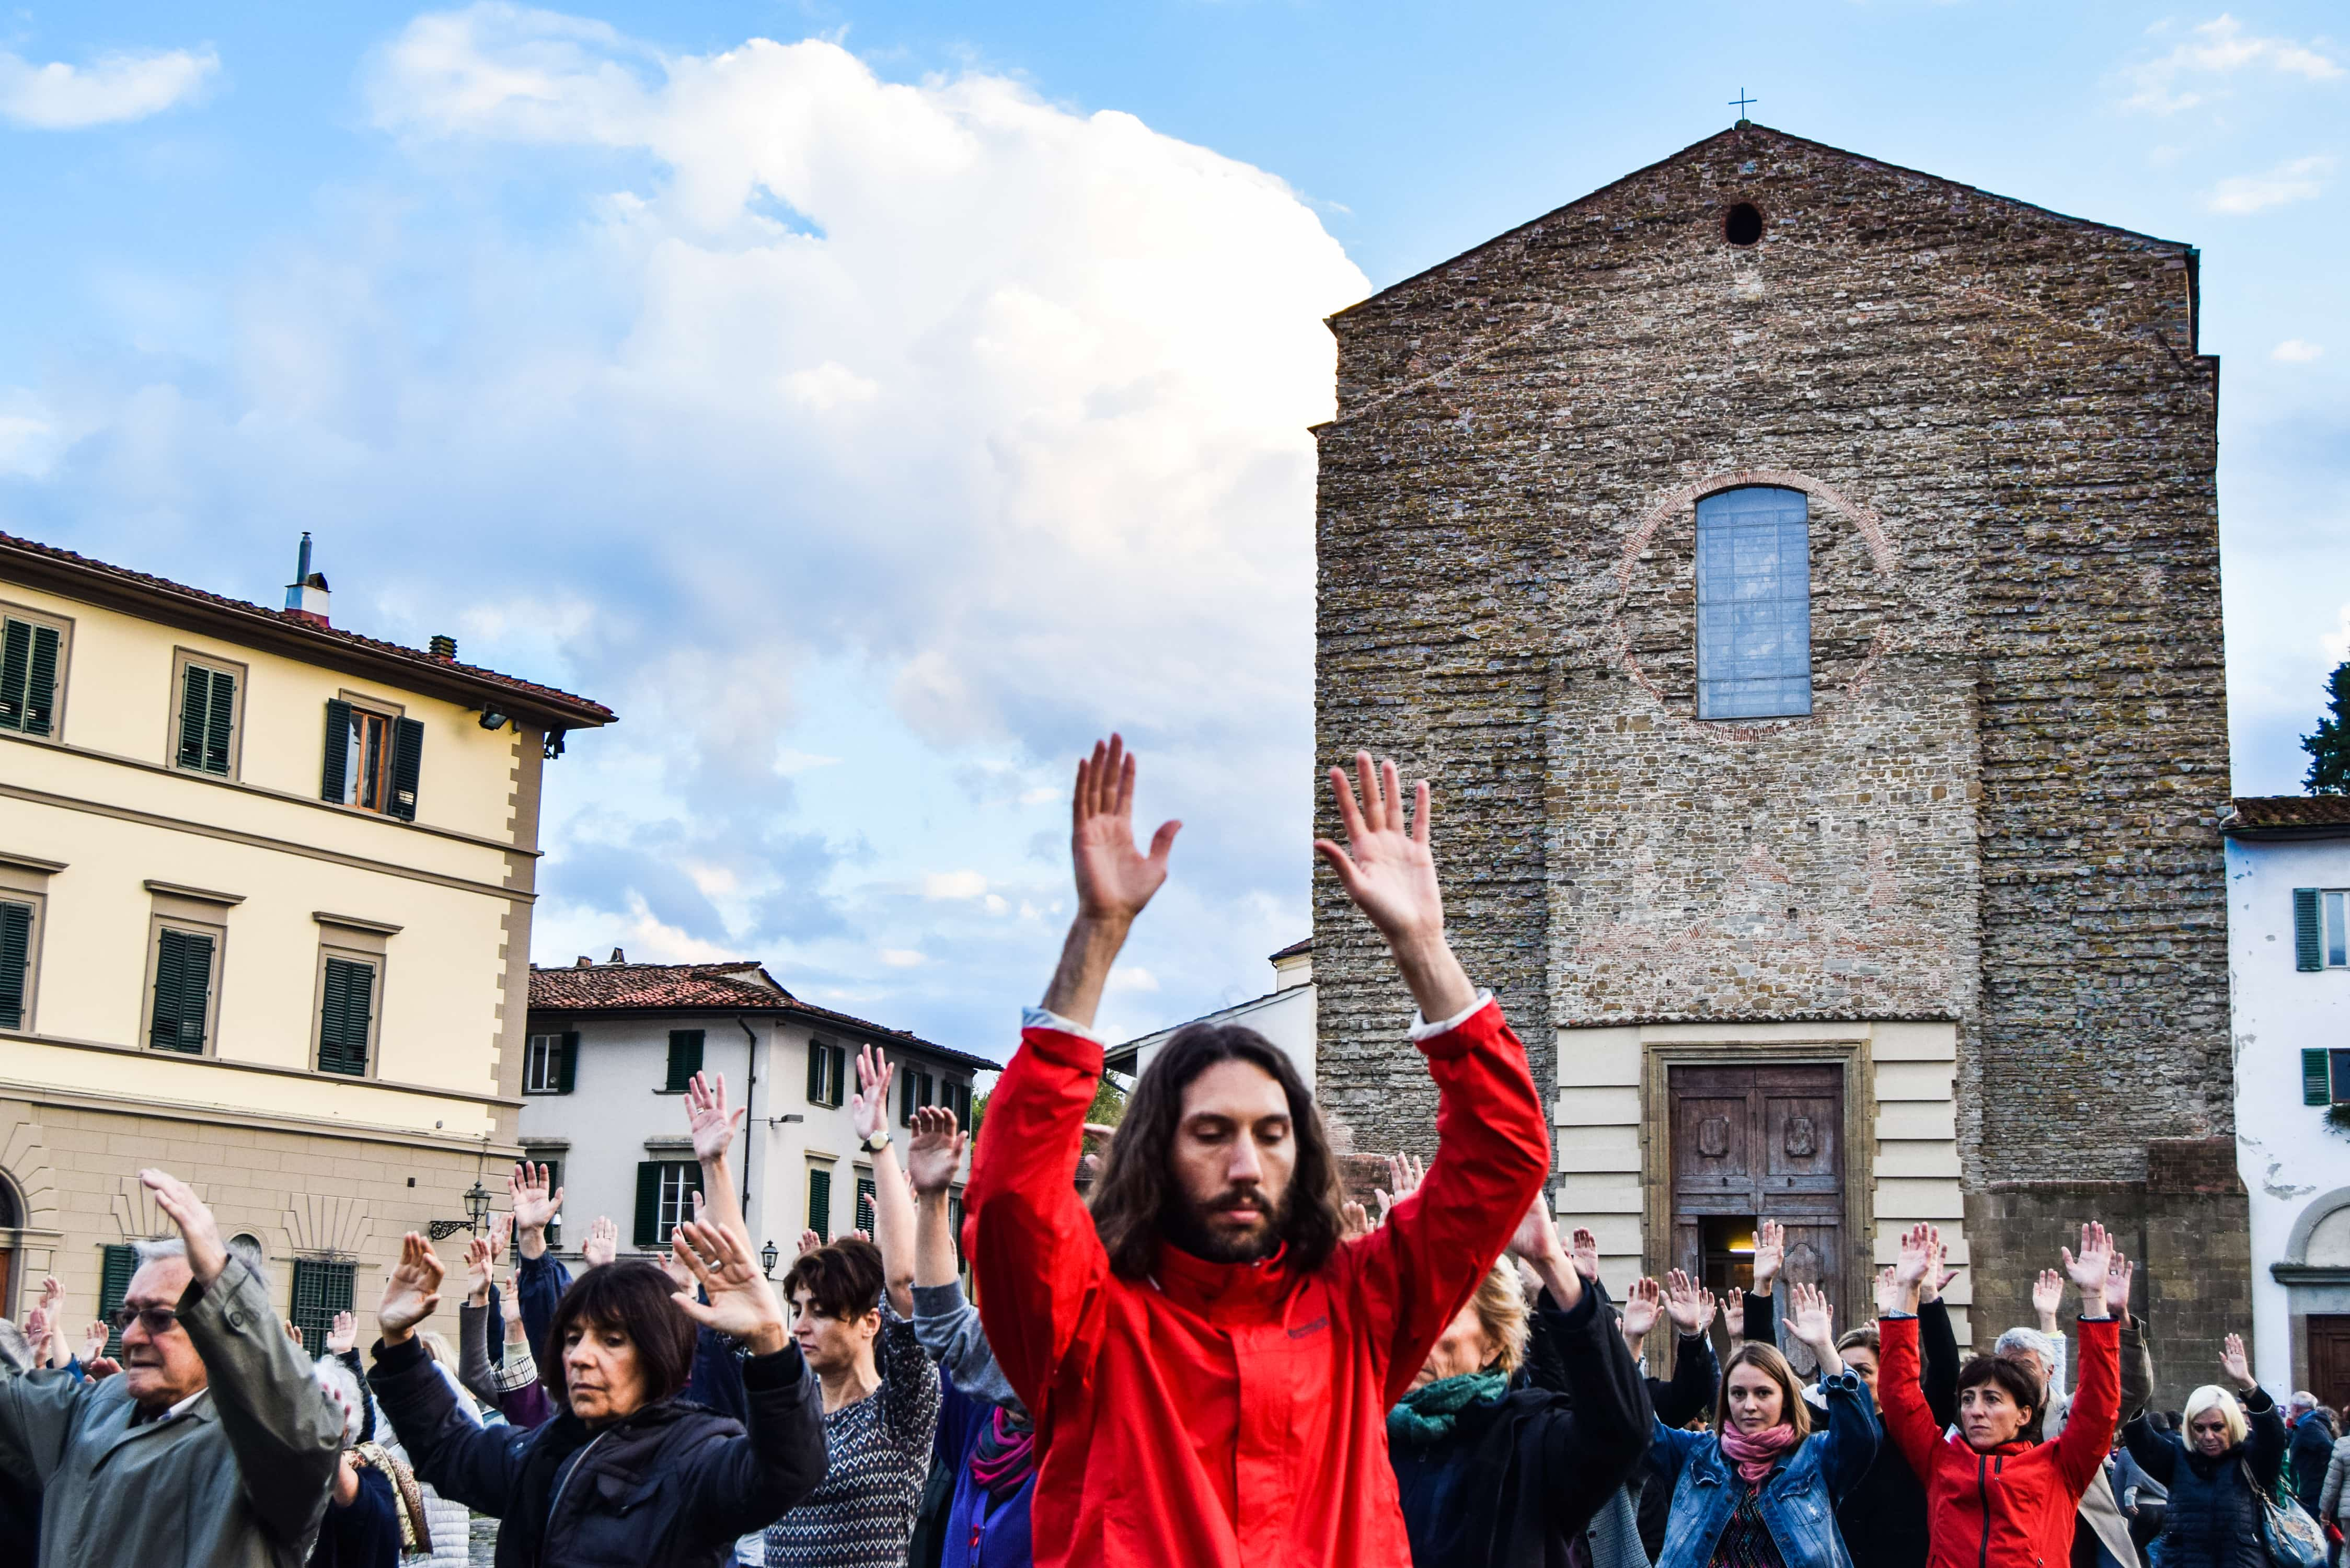 CAMMINO POPOLARE_Piazza del Carmine ph.Michelle Davis